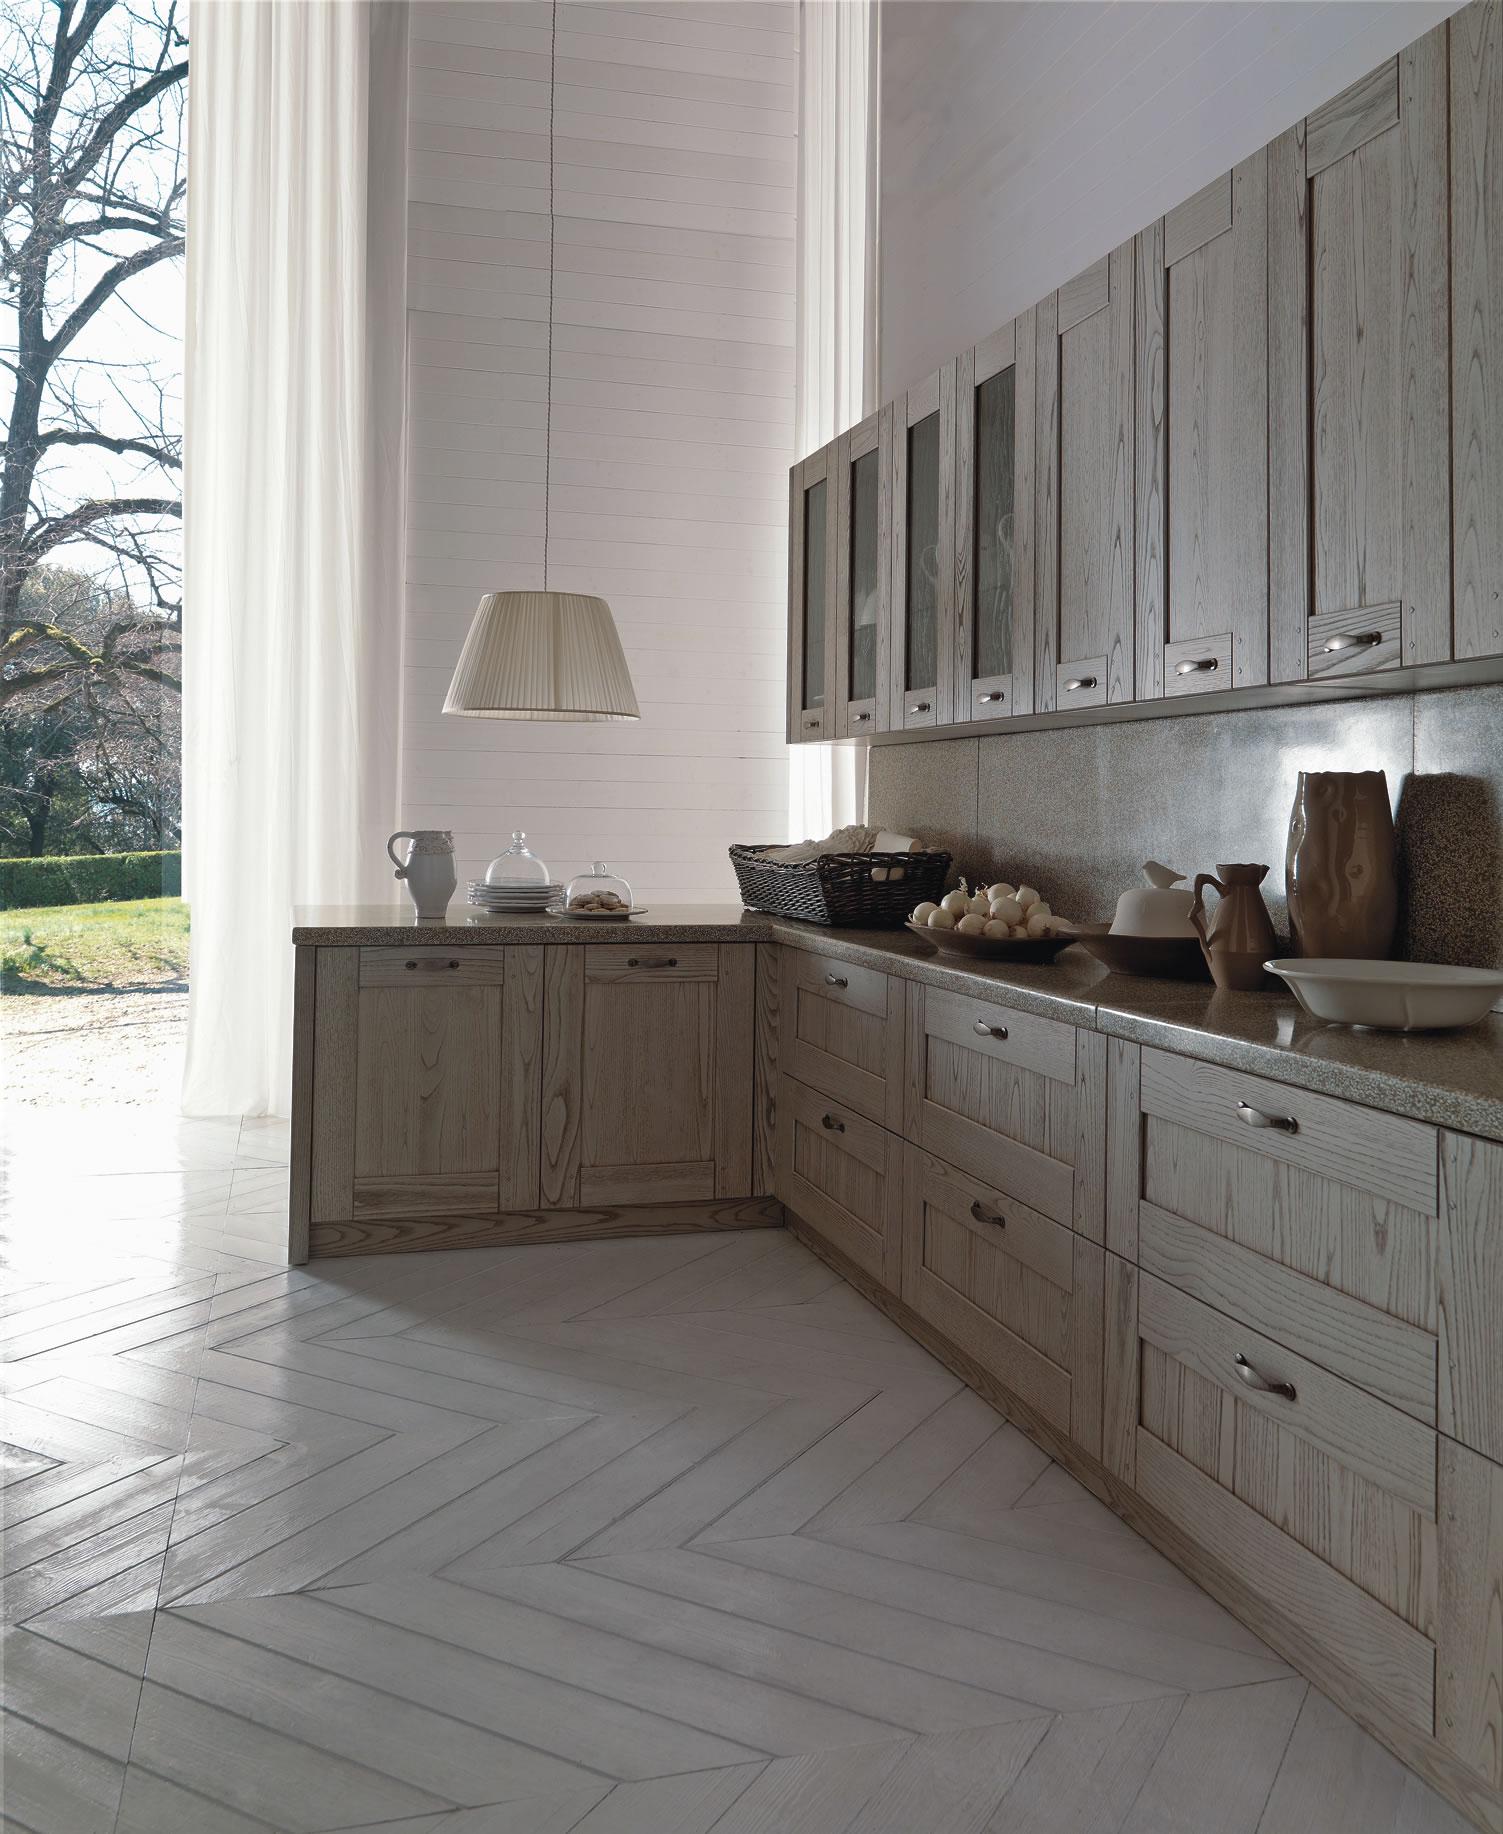 Cucine bianche country chic in muratura cucine in legno for Cucine lineari bianche